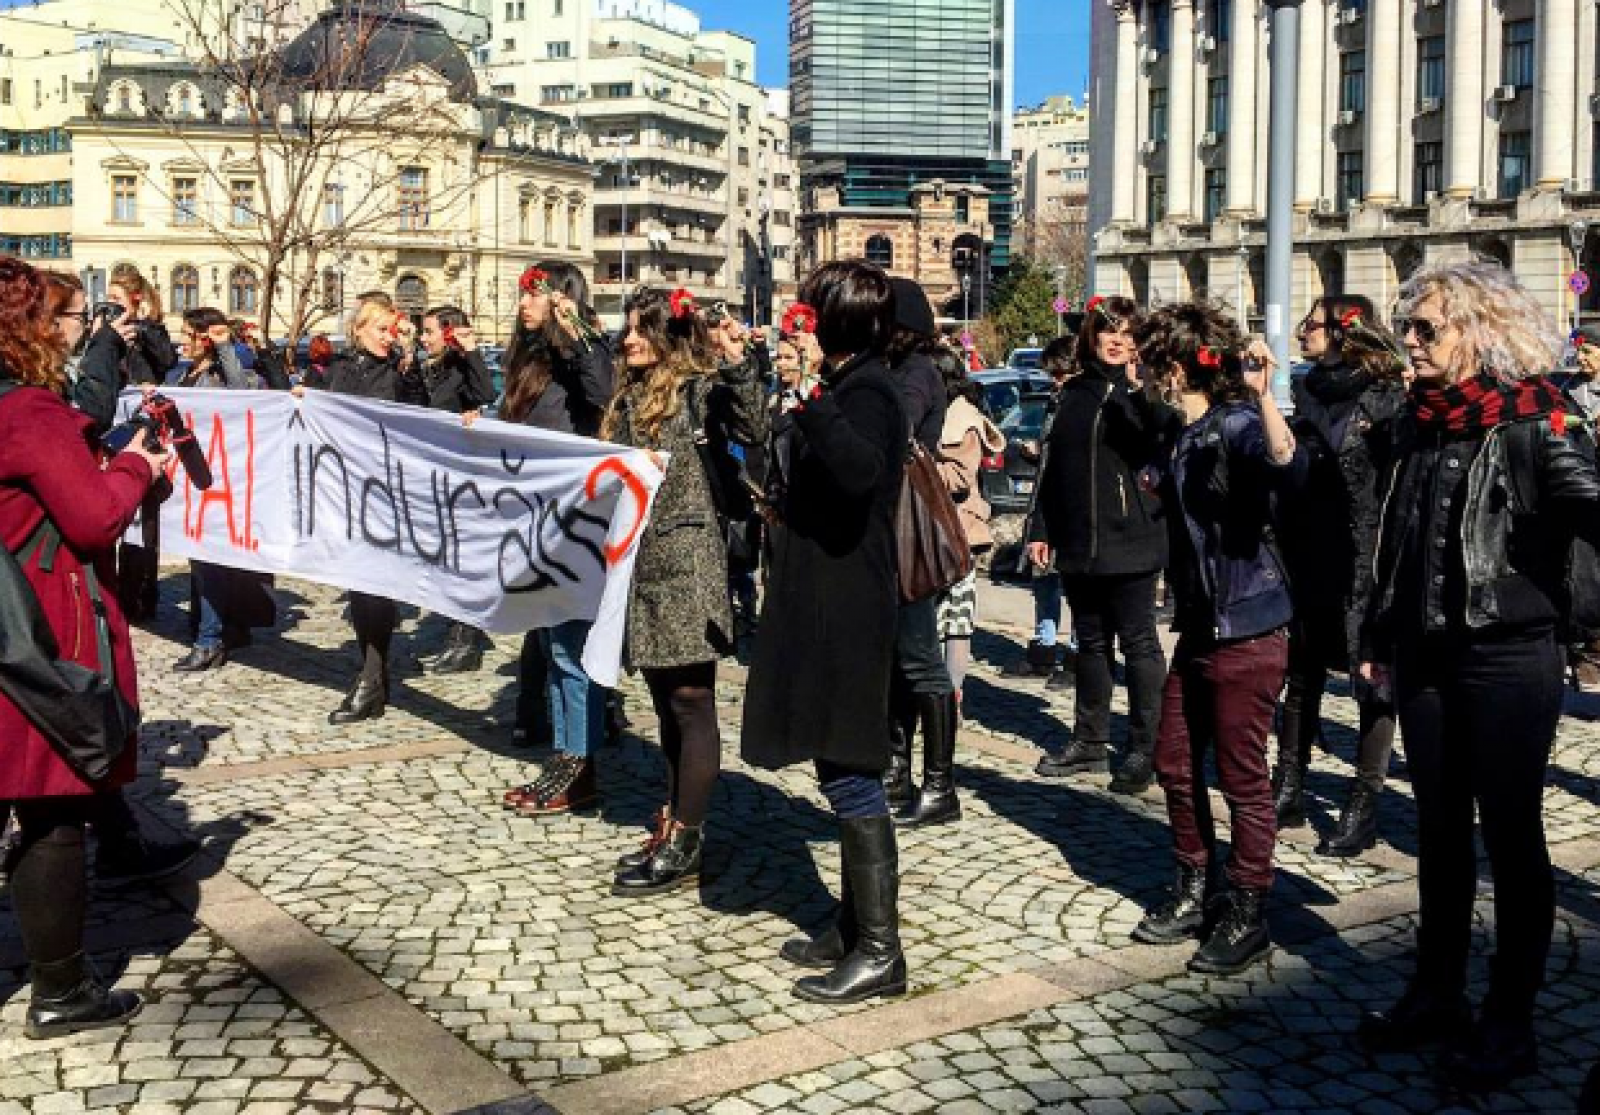 (foto) 8 martie în contraste la București: De la taverne cu flori, la haine negre, garoafe și femei în comunism